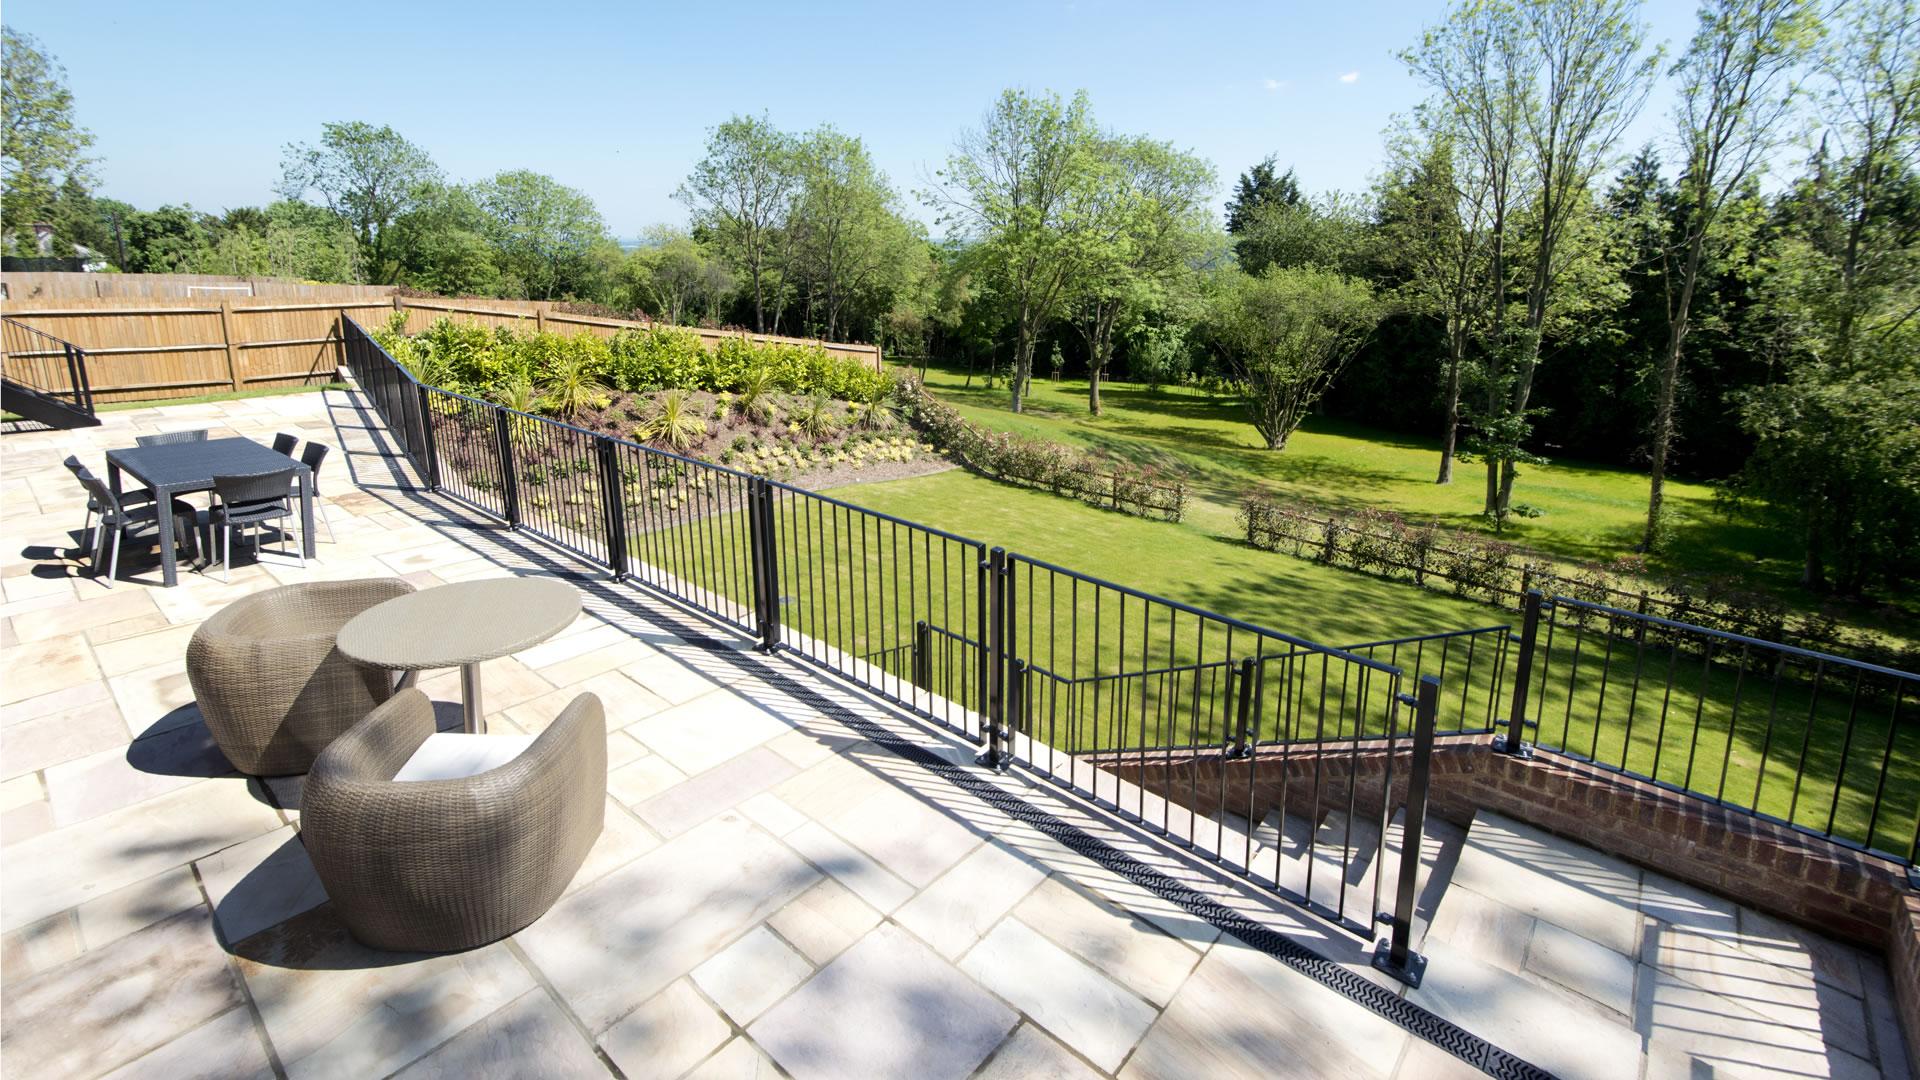 Gables Park plot 1 balcony